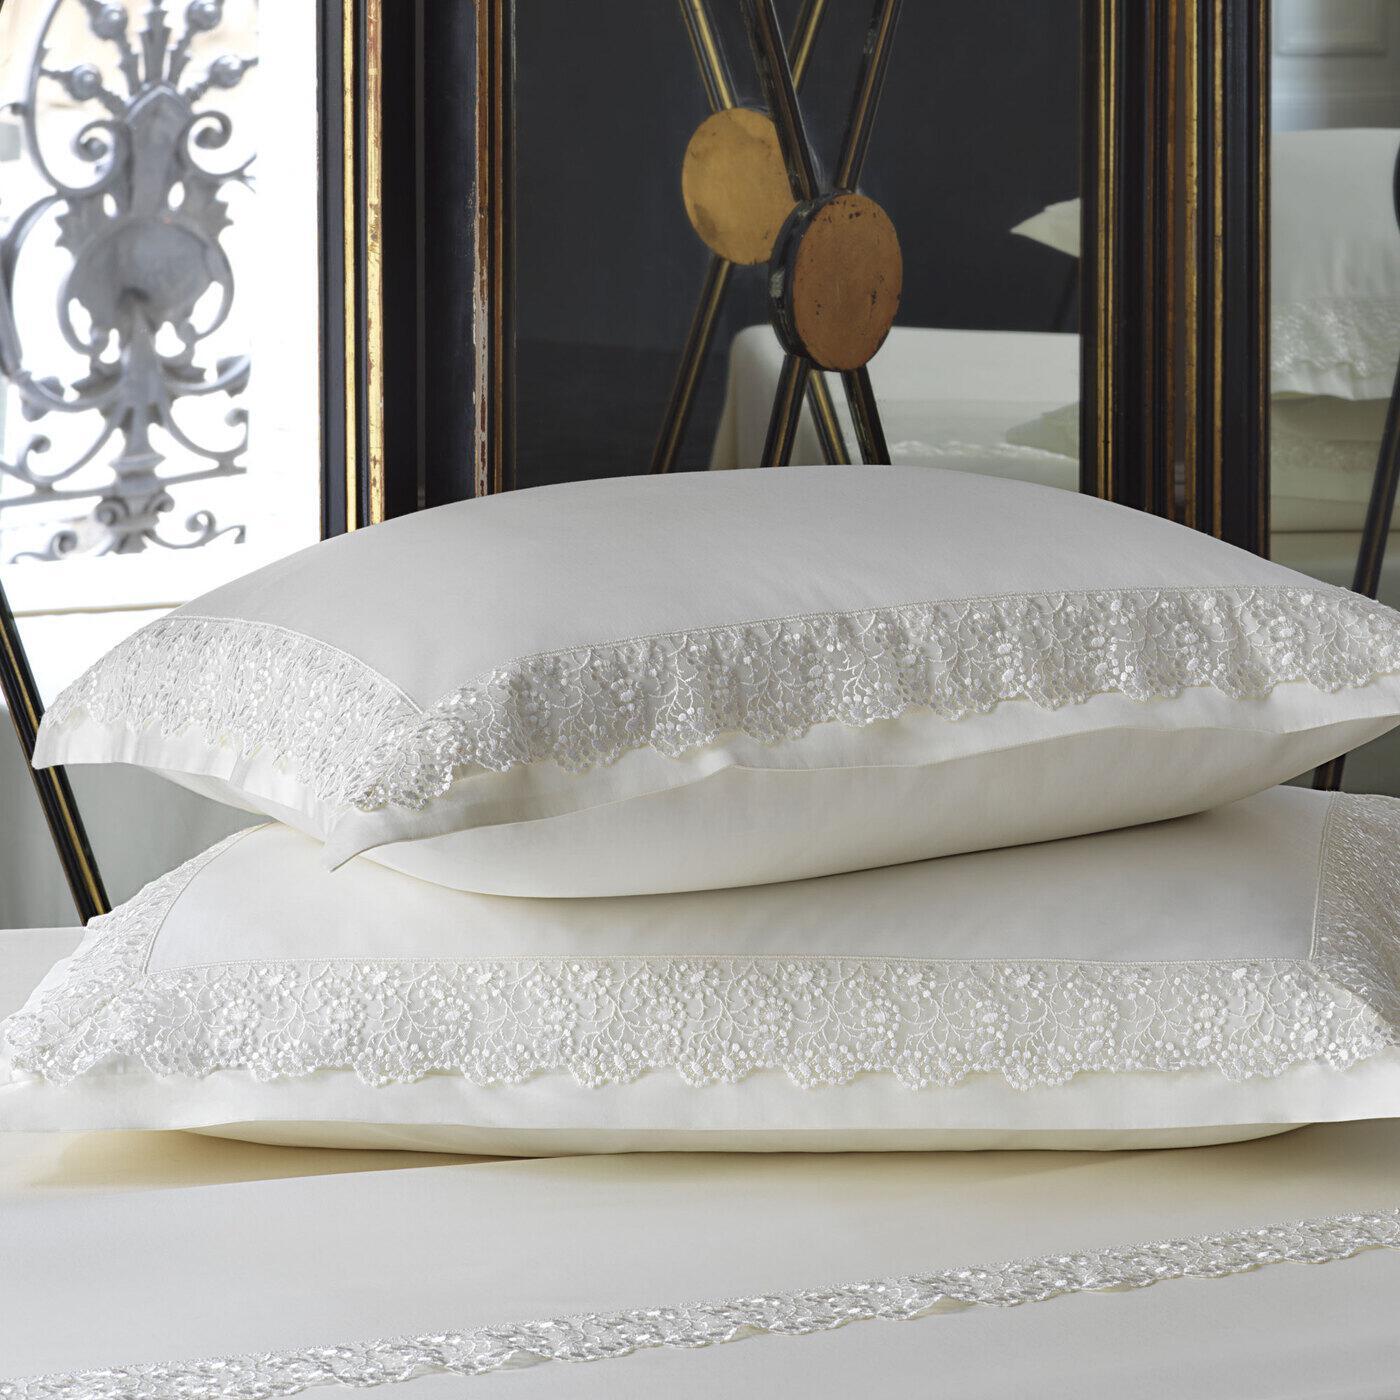 linge de lit bain et decoration haut